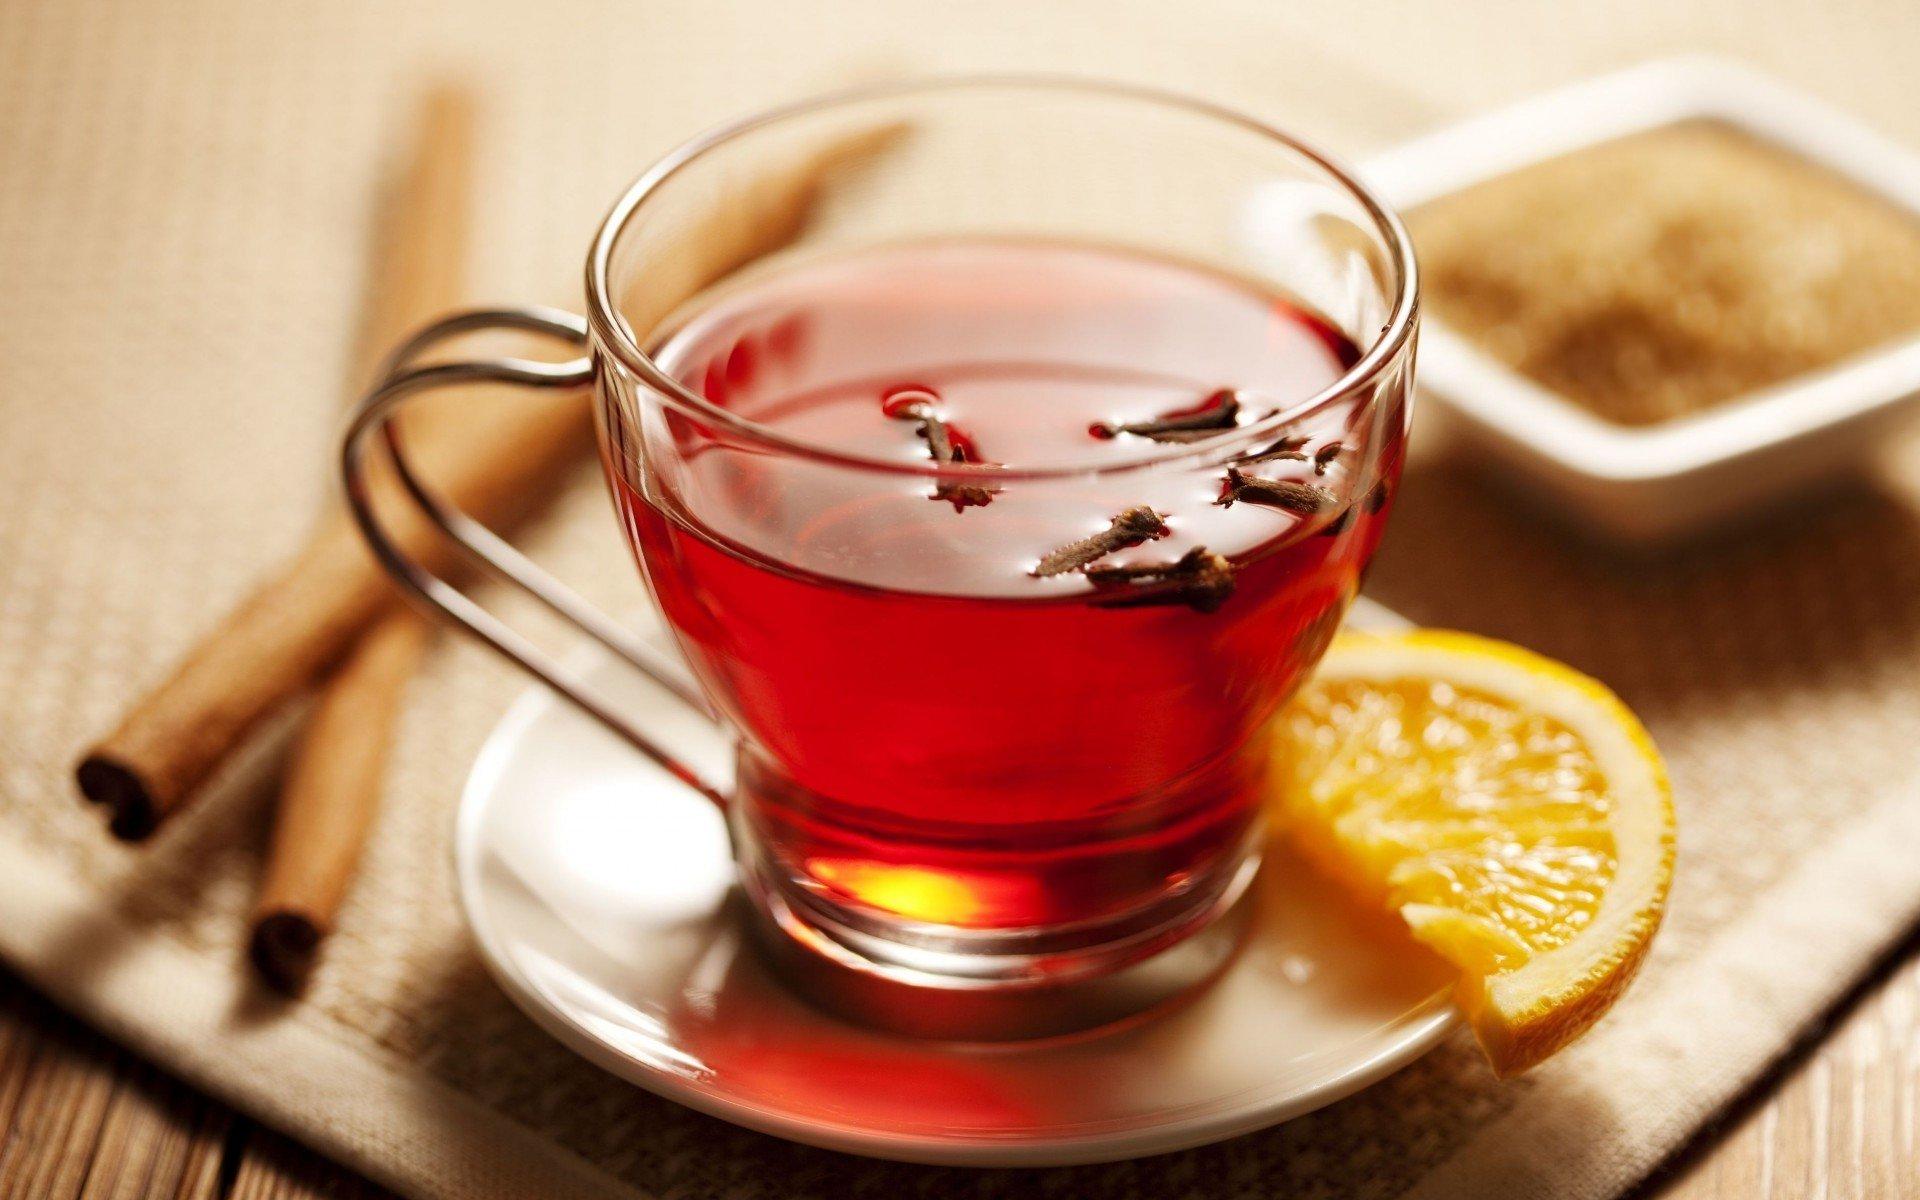 Многие специалисты советуют добавлять в чай корень имбиря